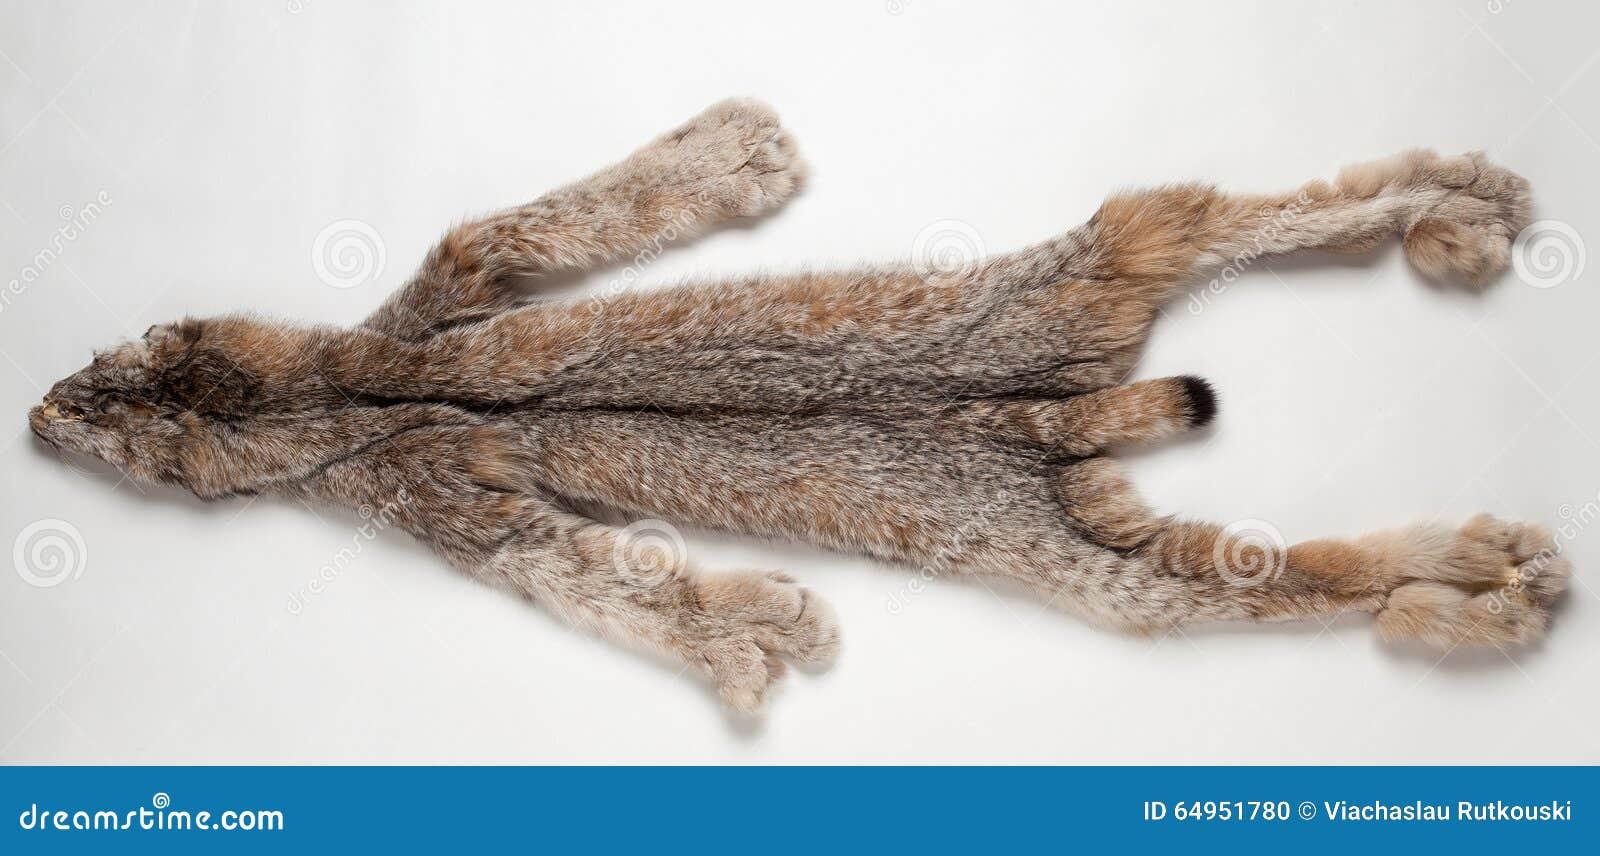 Lynx pelt stock photo. Image of carnivore, stuffed, hair - 64951780 for Lynx Pelt  83fiz